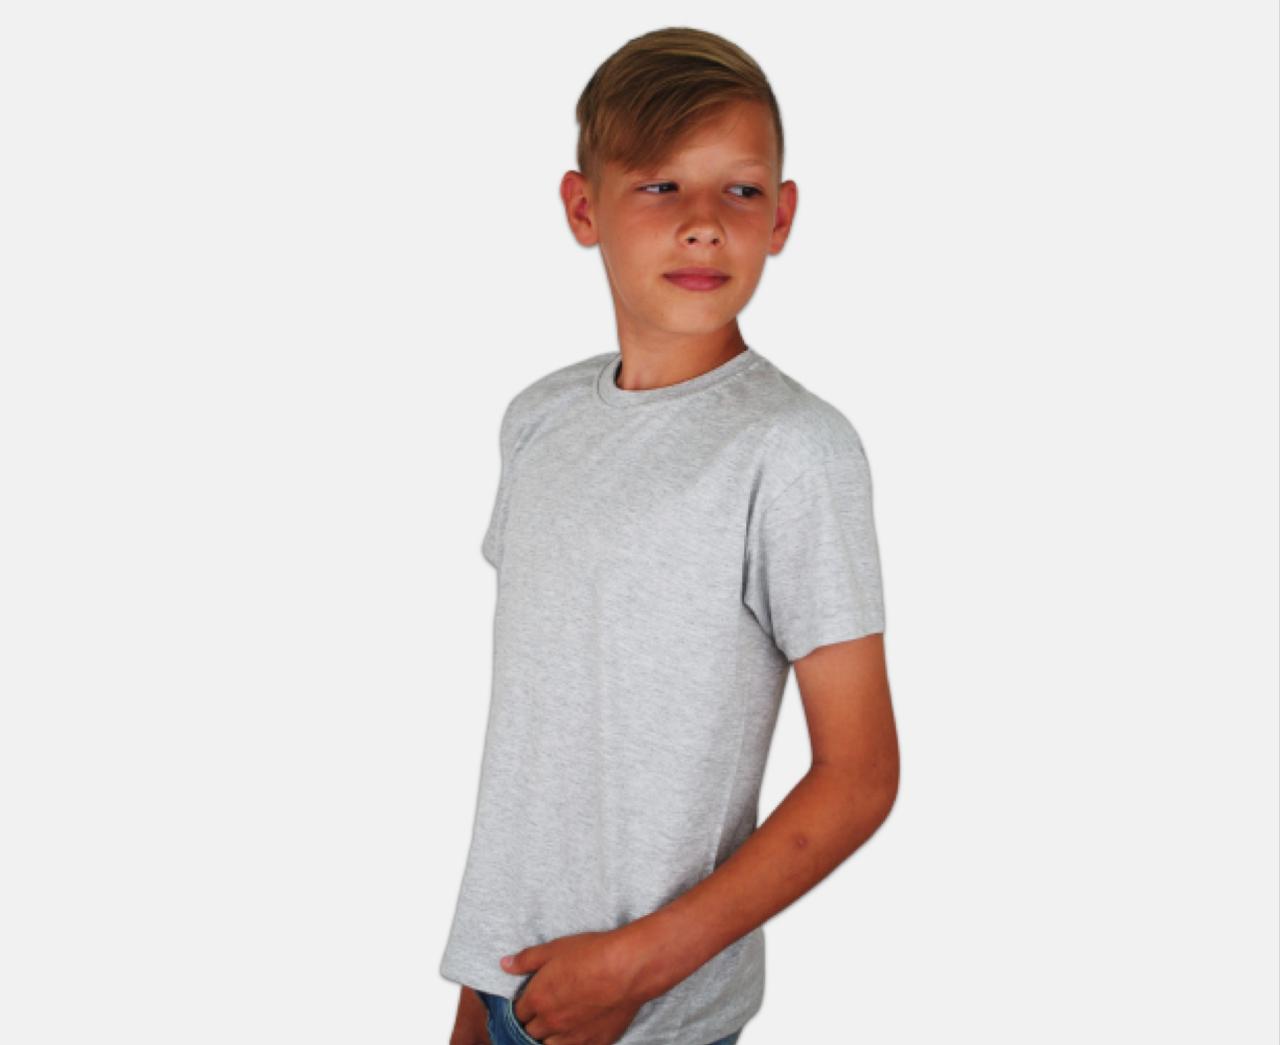 Дитяча Класична Футболка для Хлопчиків Сіро-рожева Fruit of the loom 61-033-94 12-13